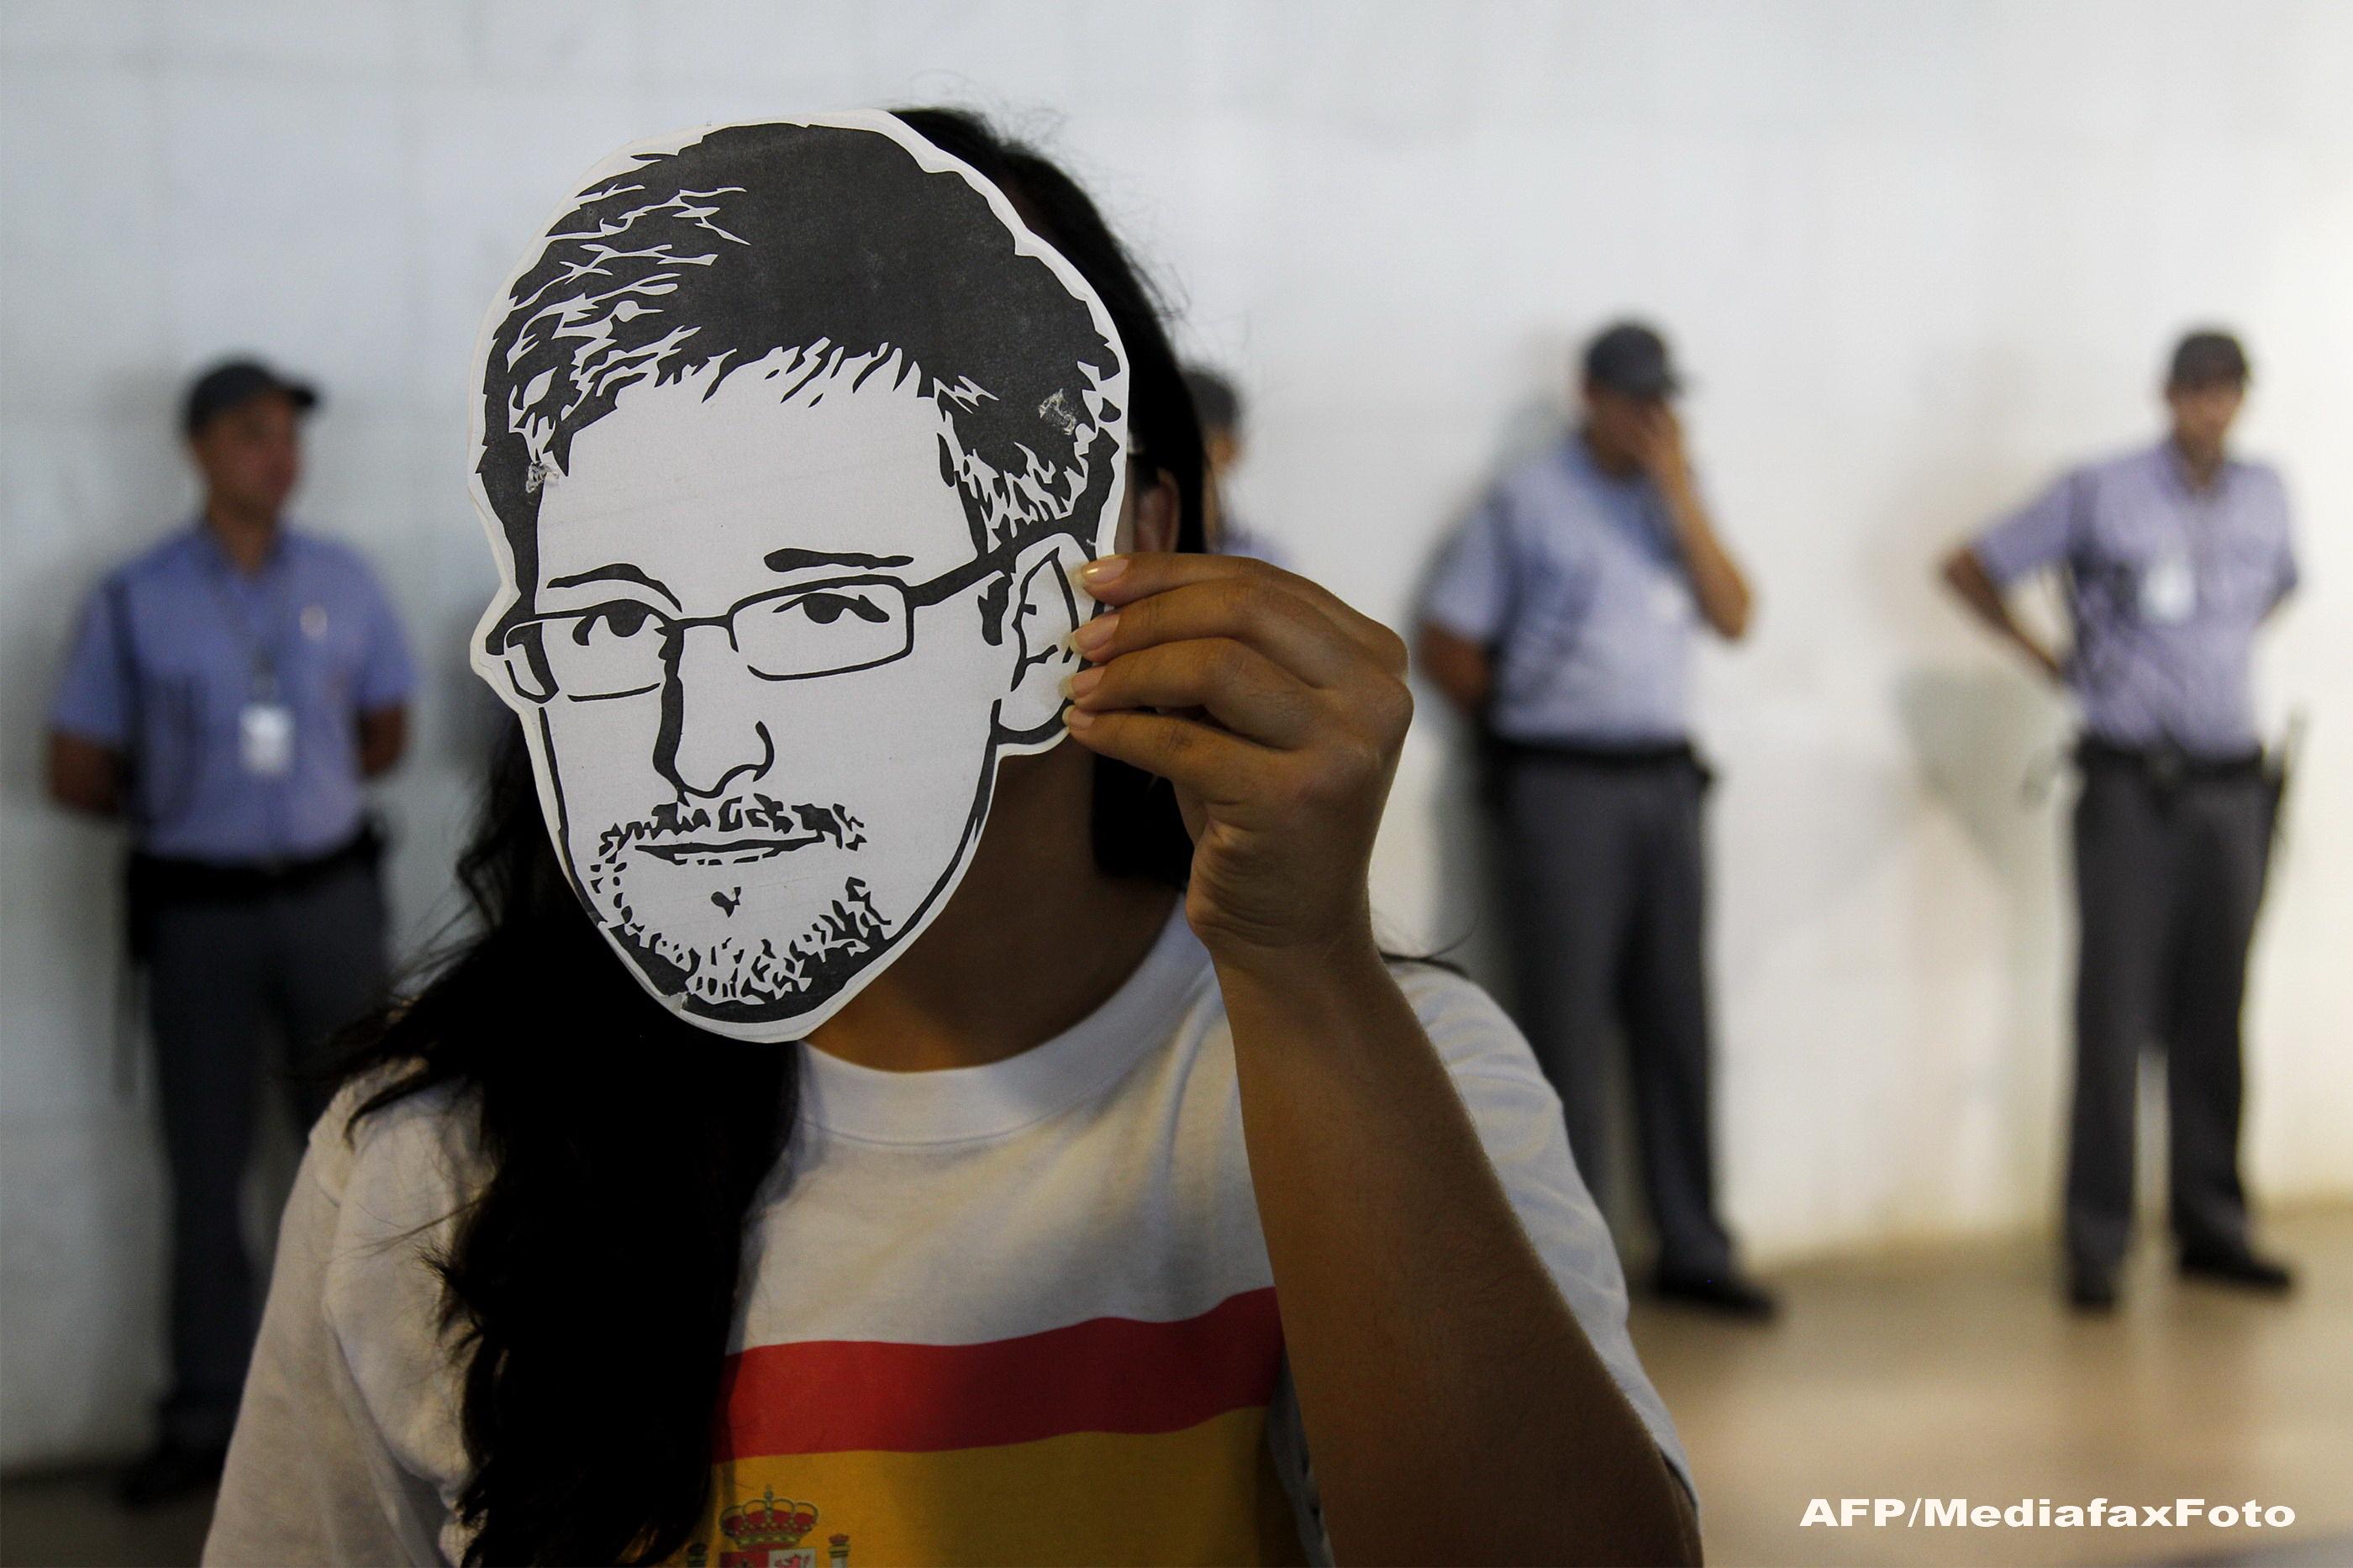 Oficialii din Congresul american sunt ingrijorati. Documentele sustrase de Snowden ar fi ajuns la cel mai mare rival al SUA